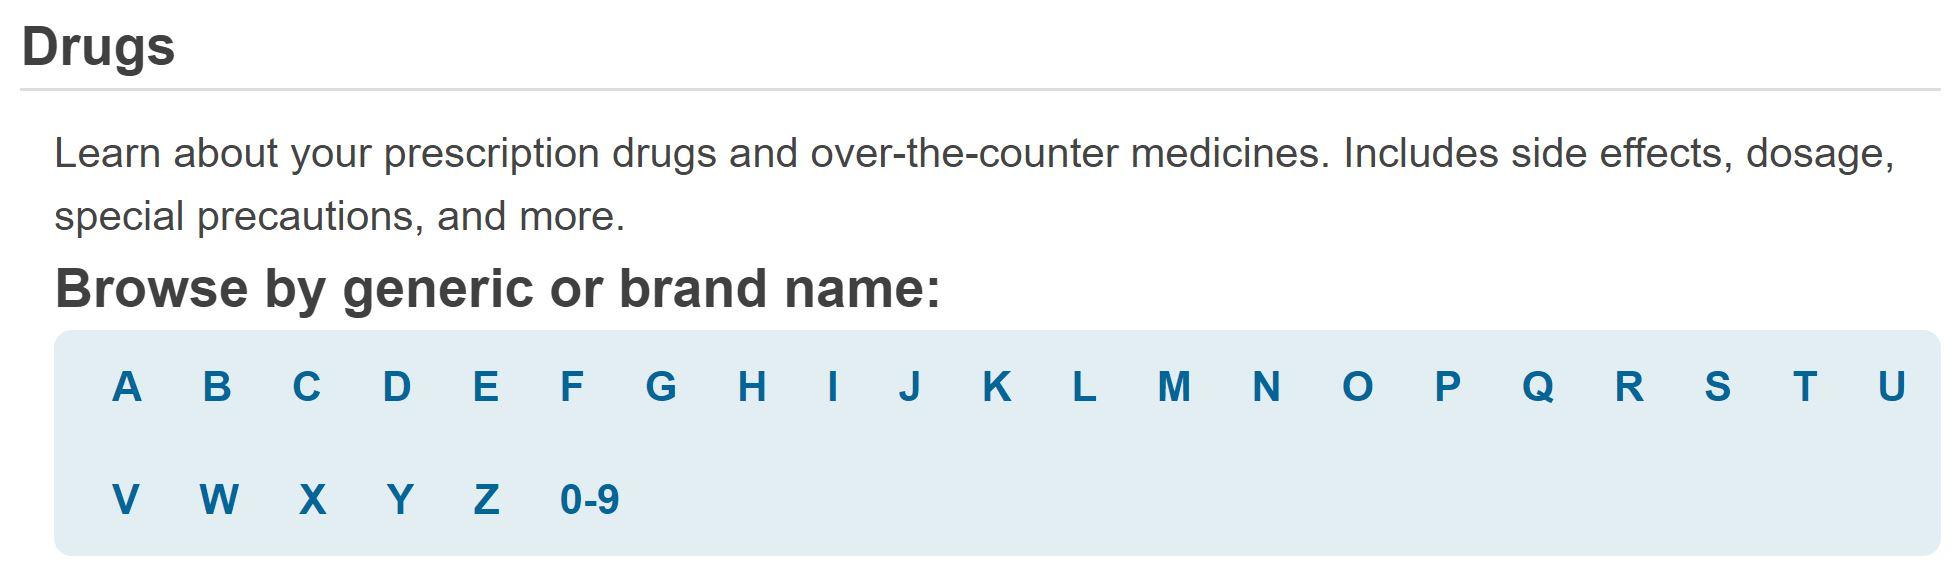 MedlinePlus drug page